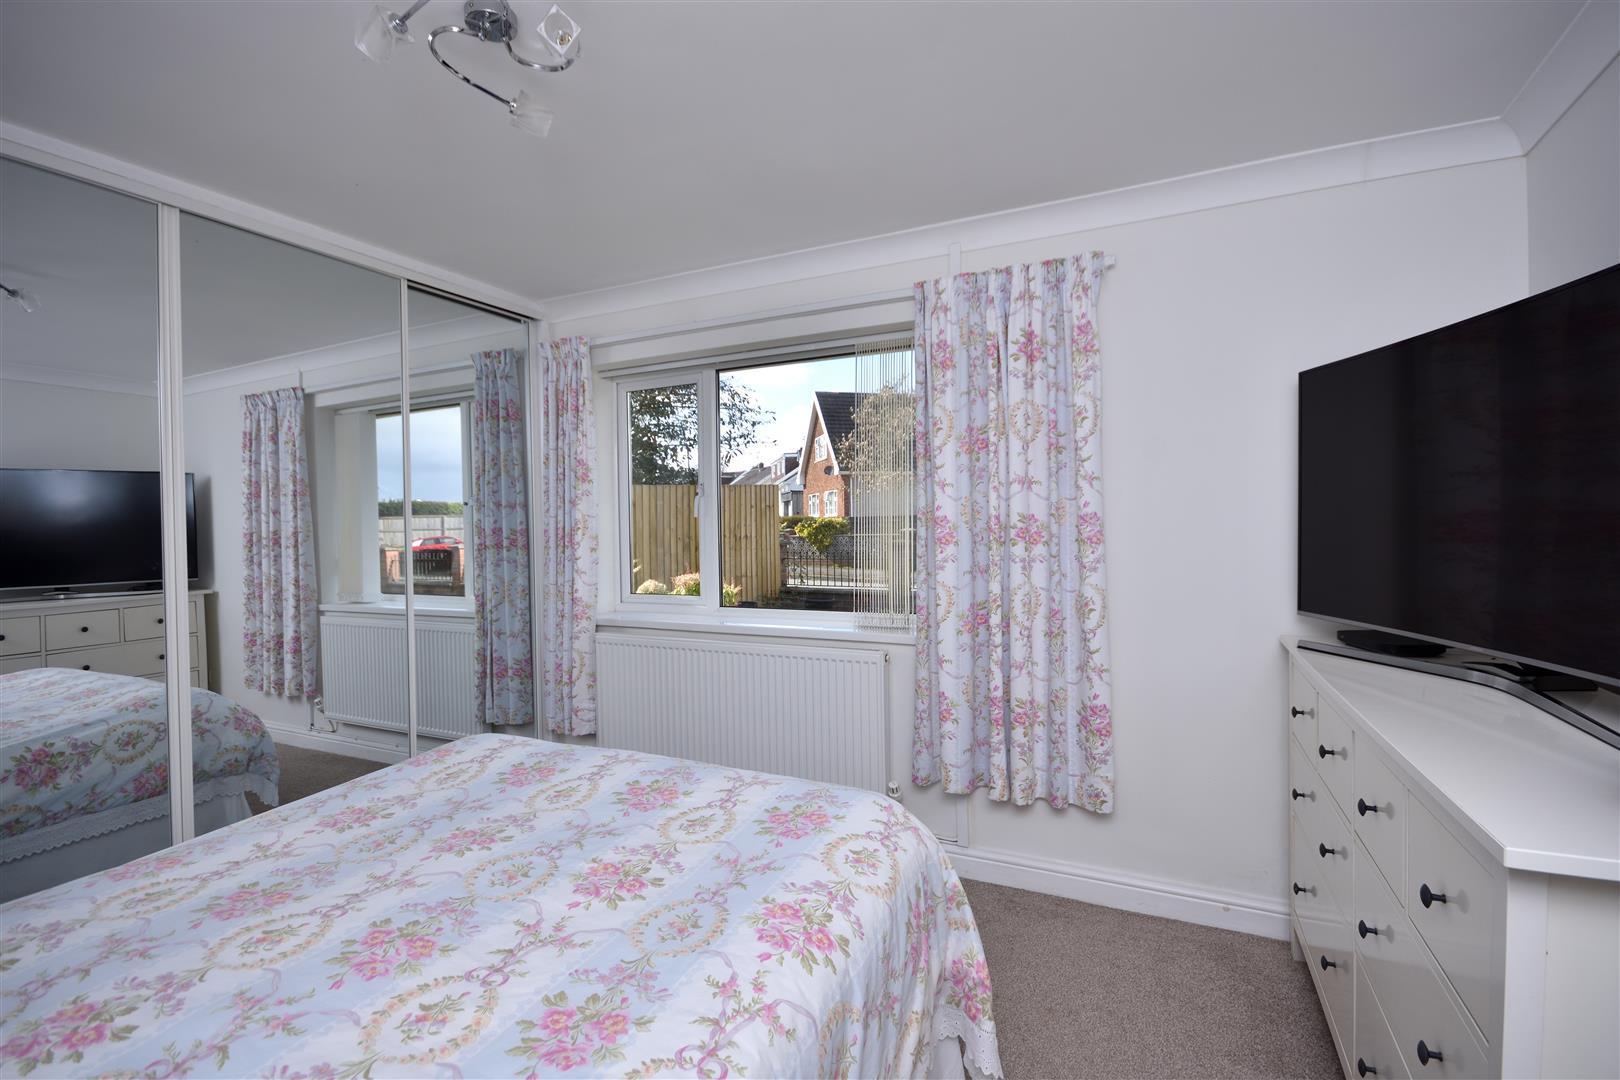 Broadmead Cresent, Bishopston, Swansea, SA3 3BA